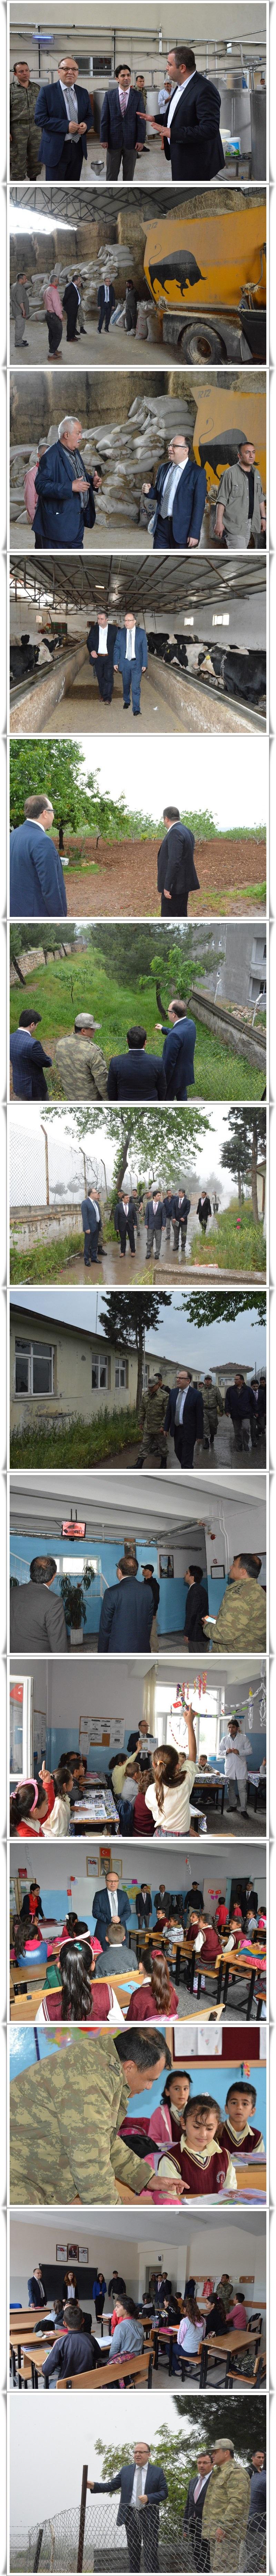 Murat Çiftliği ziyareti (1)-vert